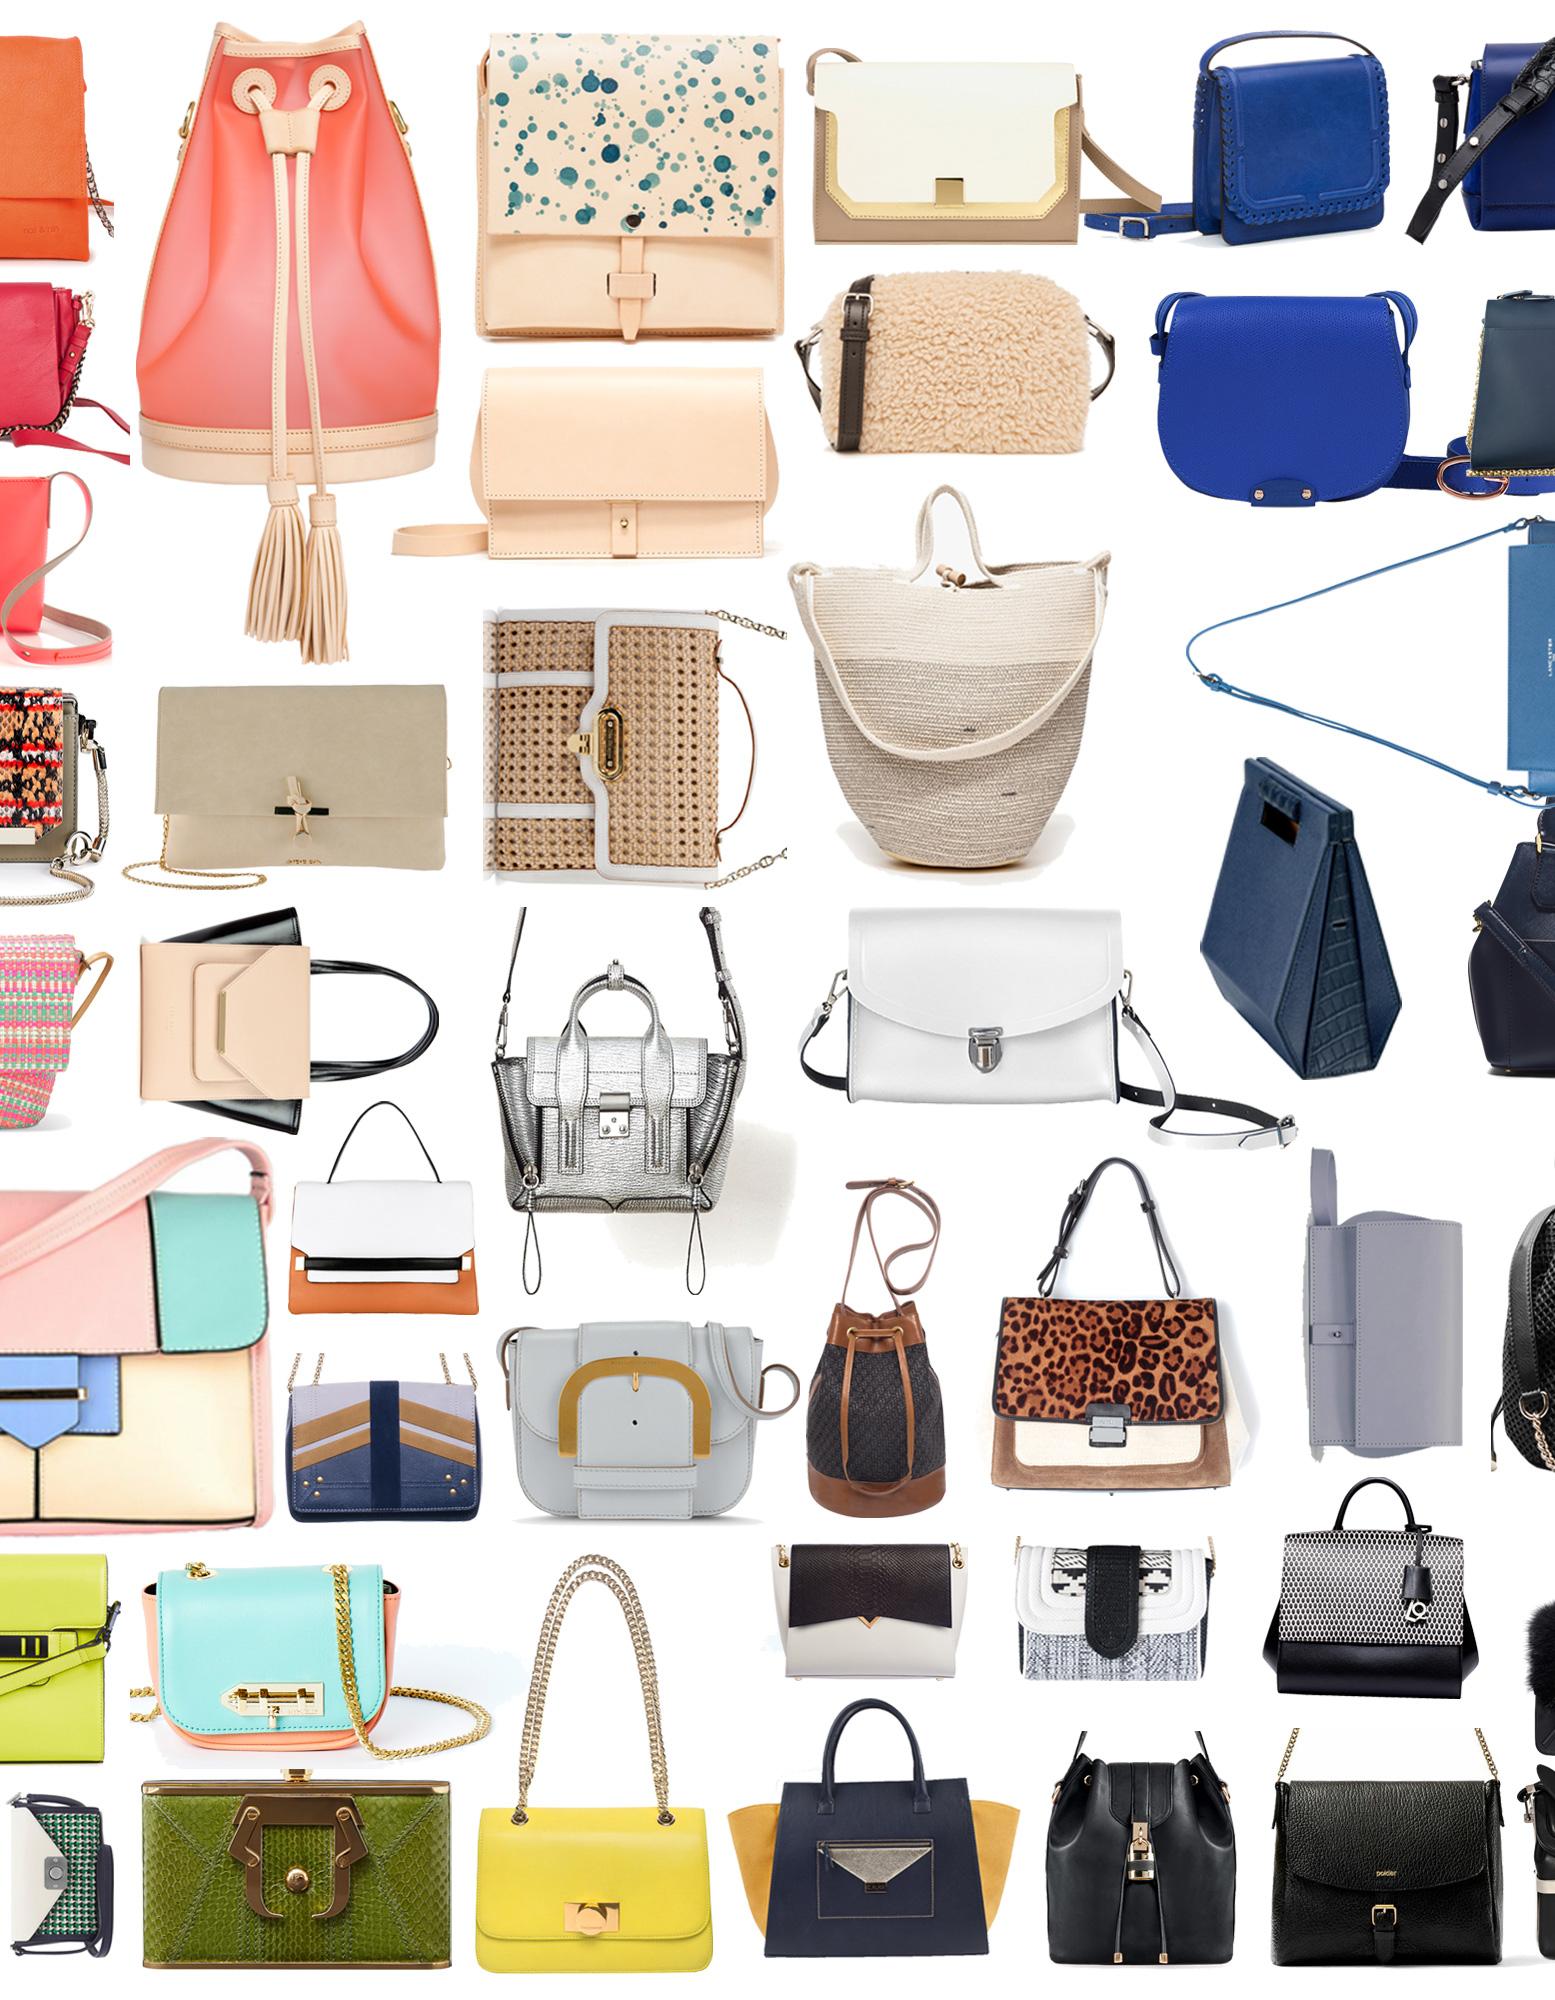 bd7ef3c4c4af Les accessoires de Mode Femme - Elle